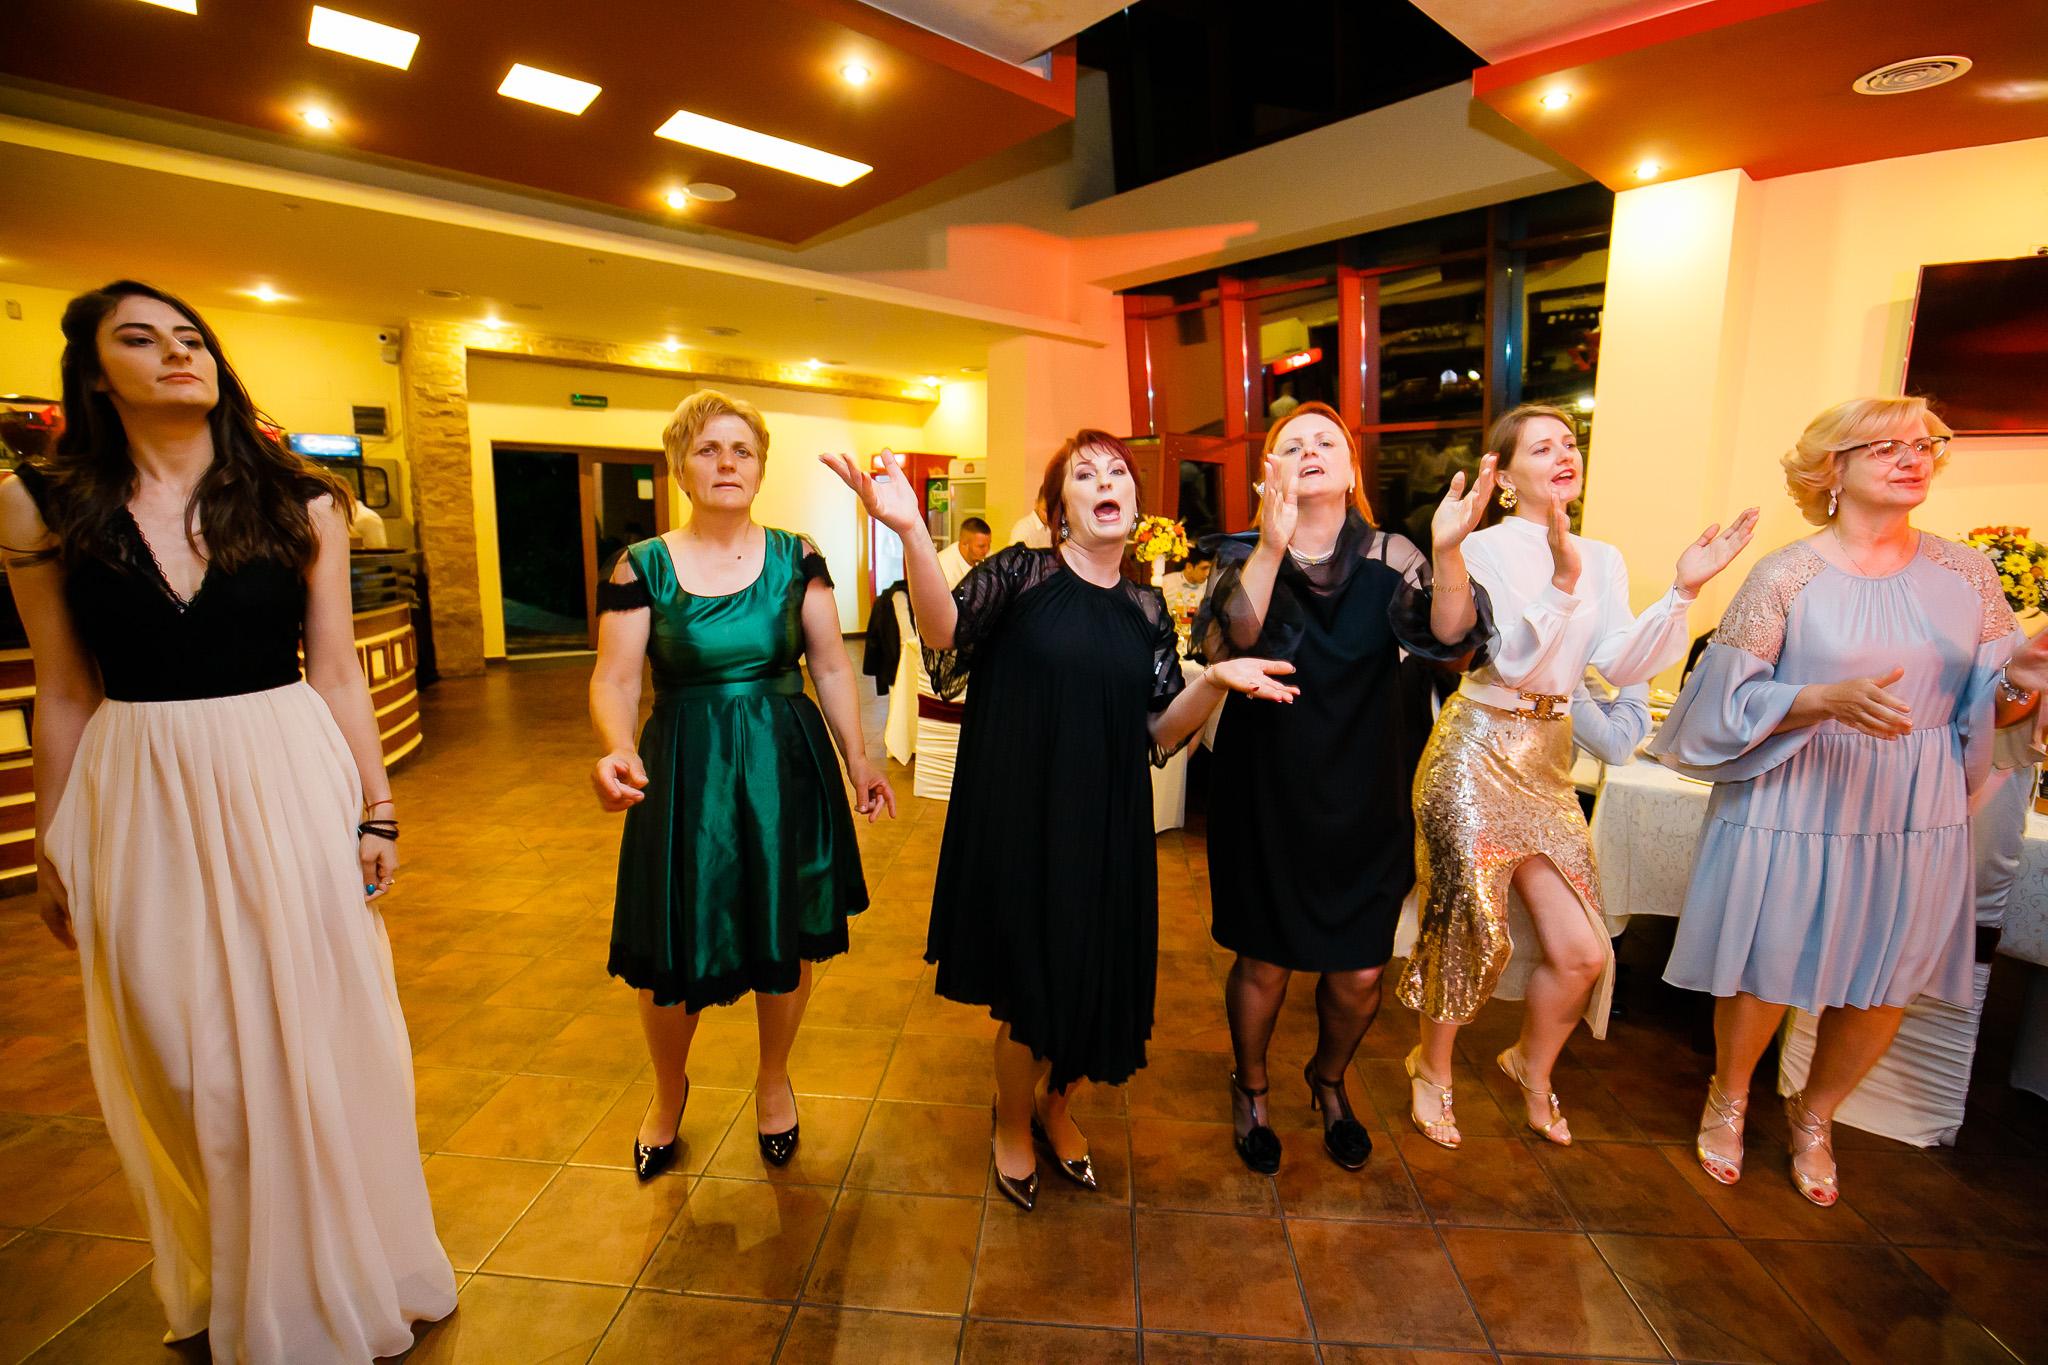 Nuntă tradițională Elisabeta și Alexandru fotograf profesionist nunta Iasi www.paulpadurariu.ro © 2018 Paul Padurariu fotograf de nunta Iasi petrecere 2